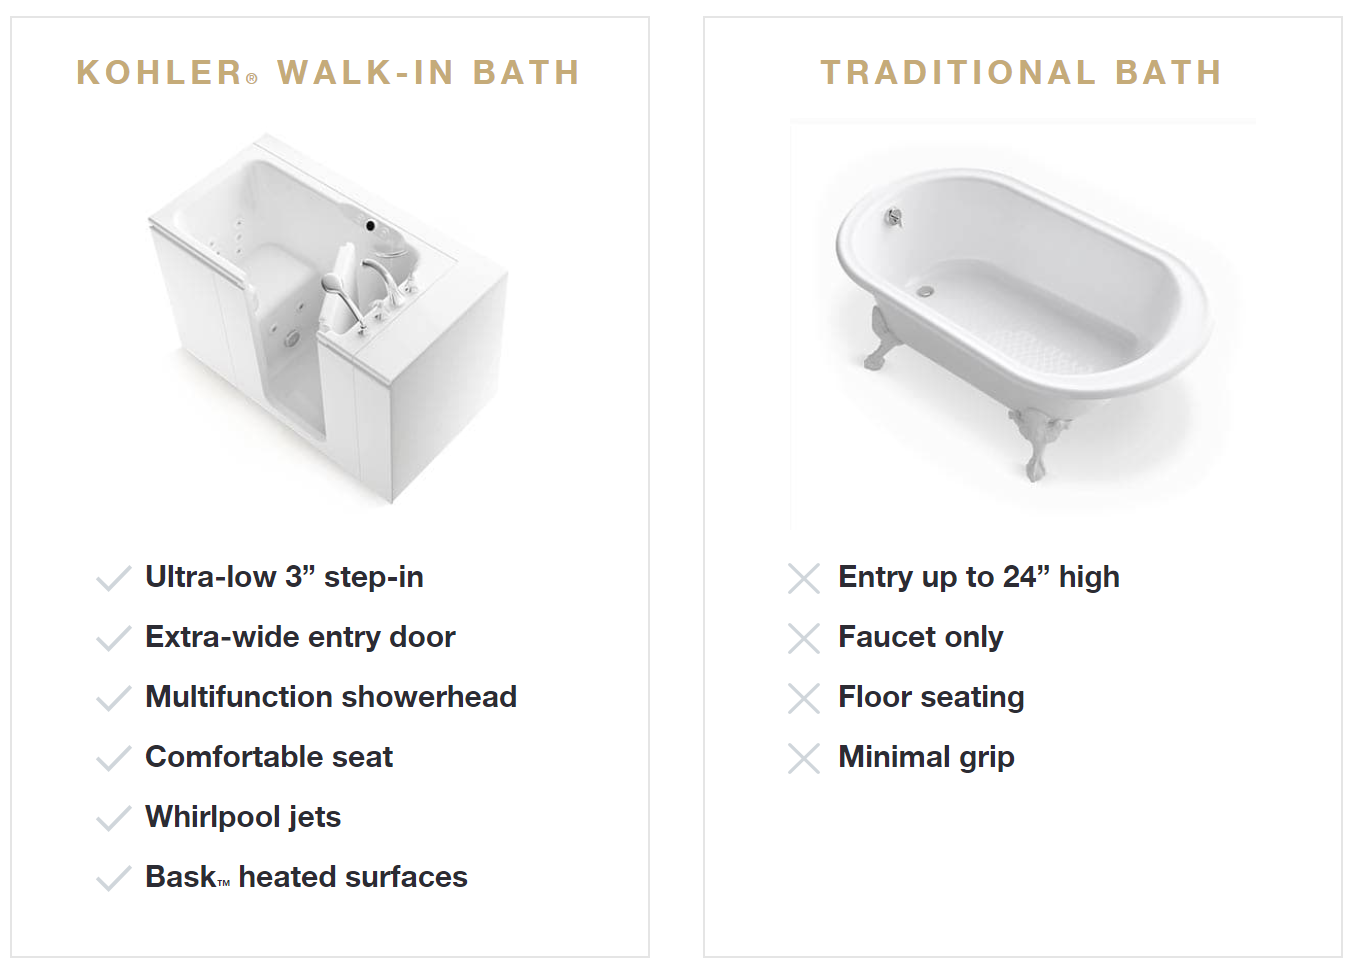 Walk In Tub Or Traditional Bathtub Free Bathroom Safety